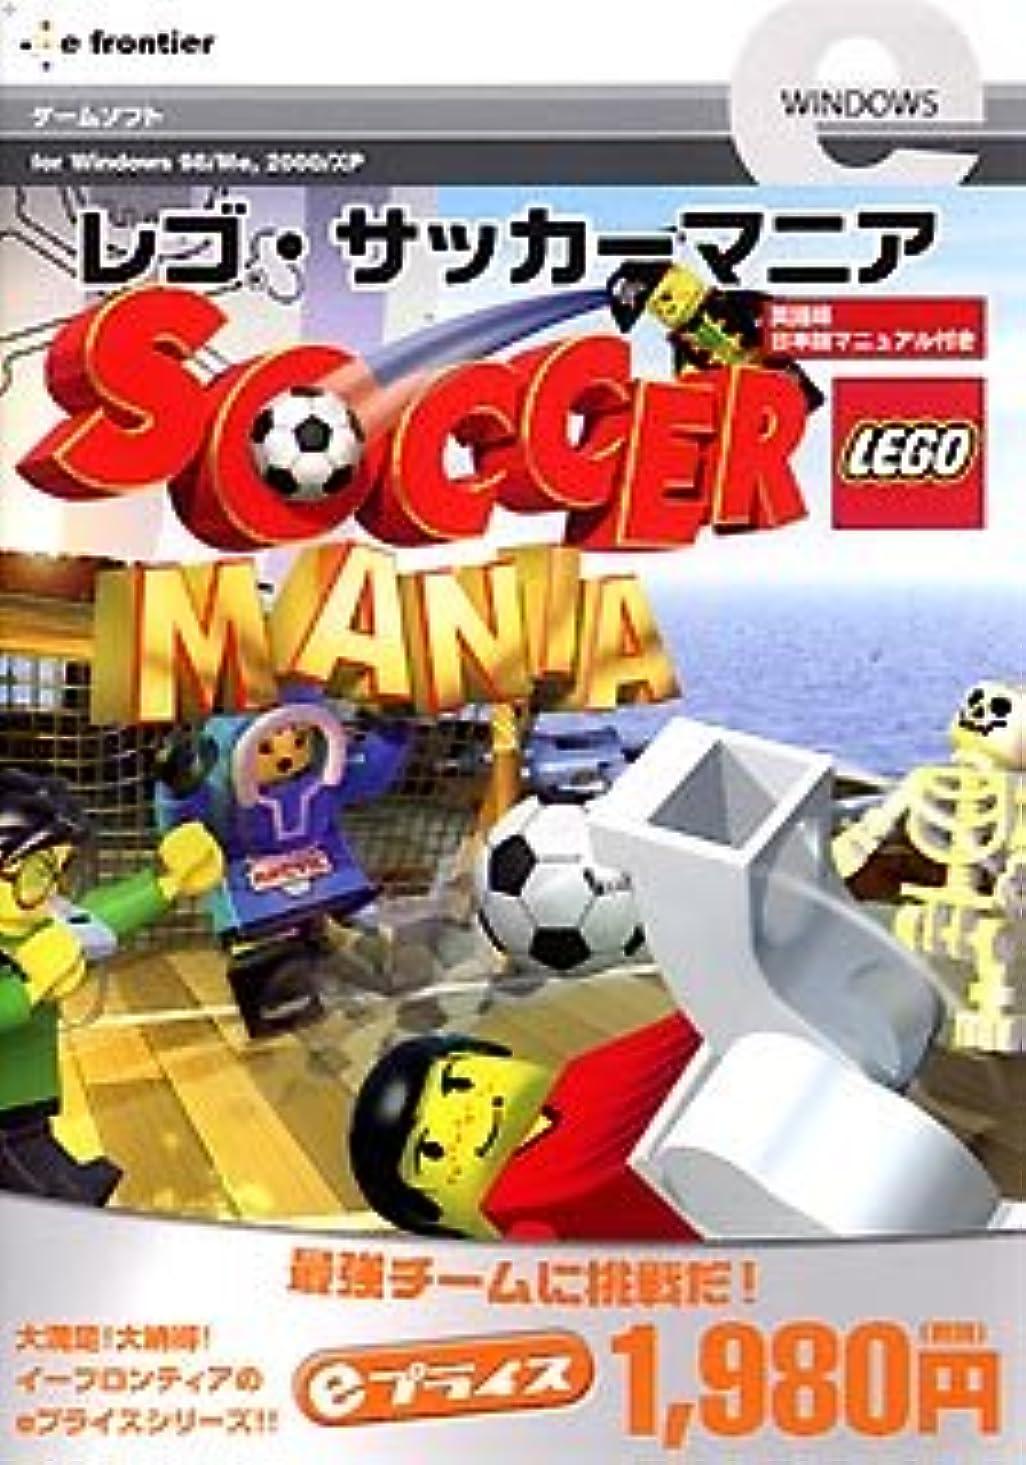 おとこ絡まる励起eプライスシリーズ レゴ?サッカーマニア